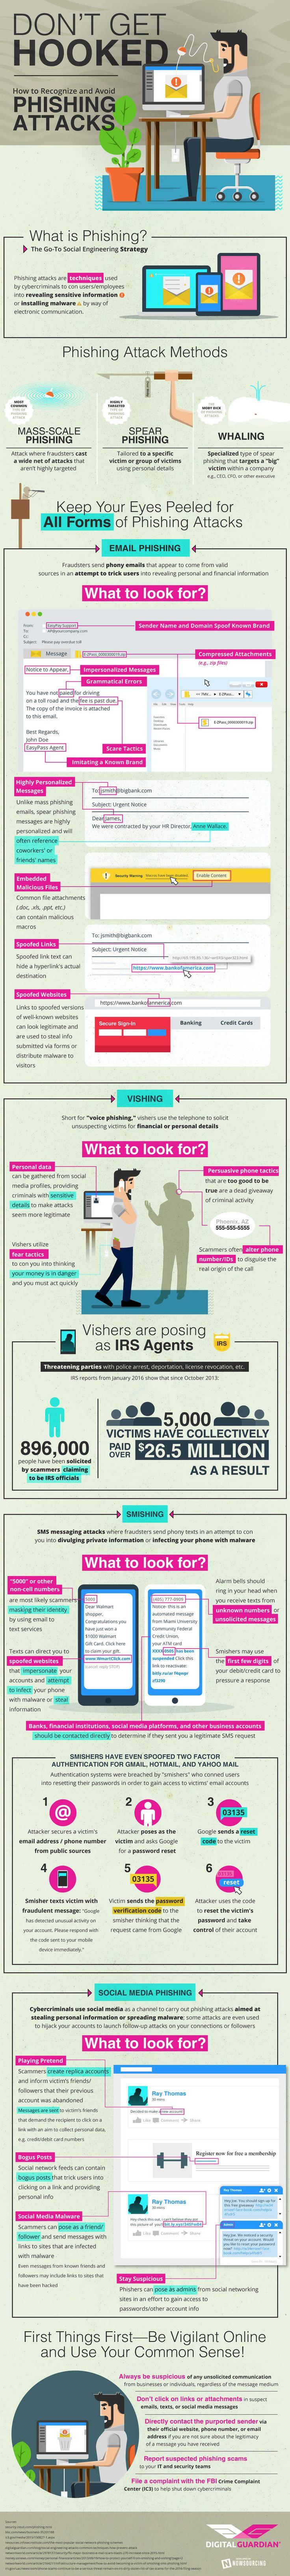 phishing-attacks-infographic-final-999.jpg